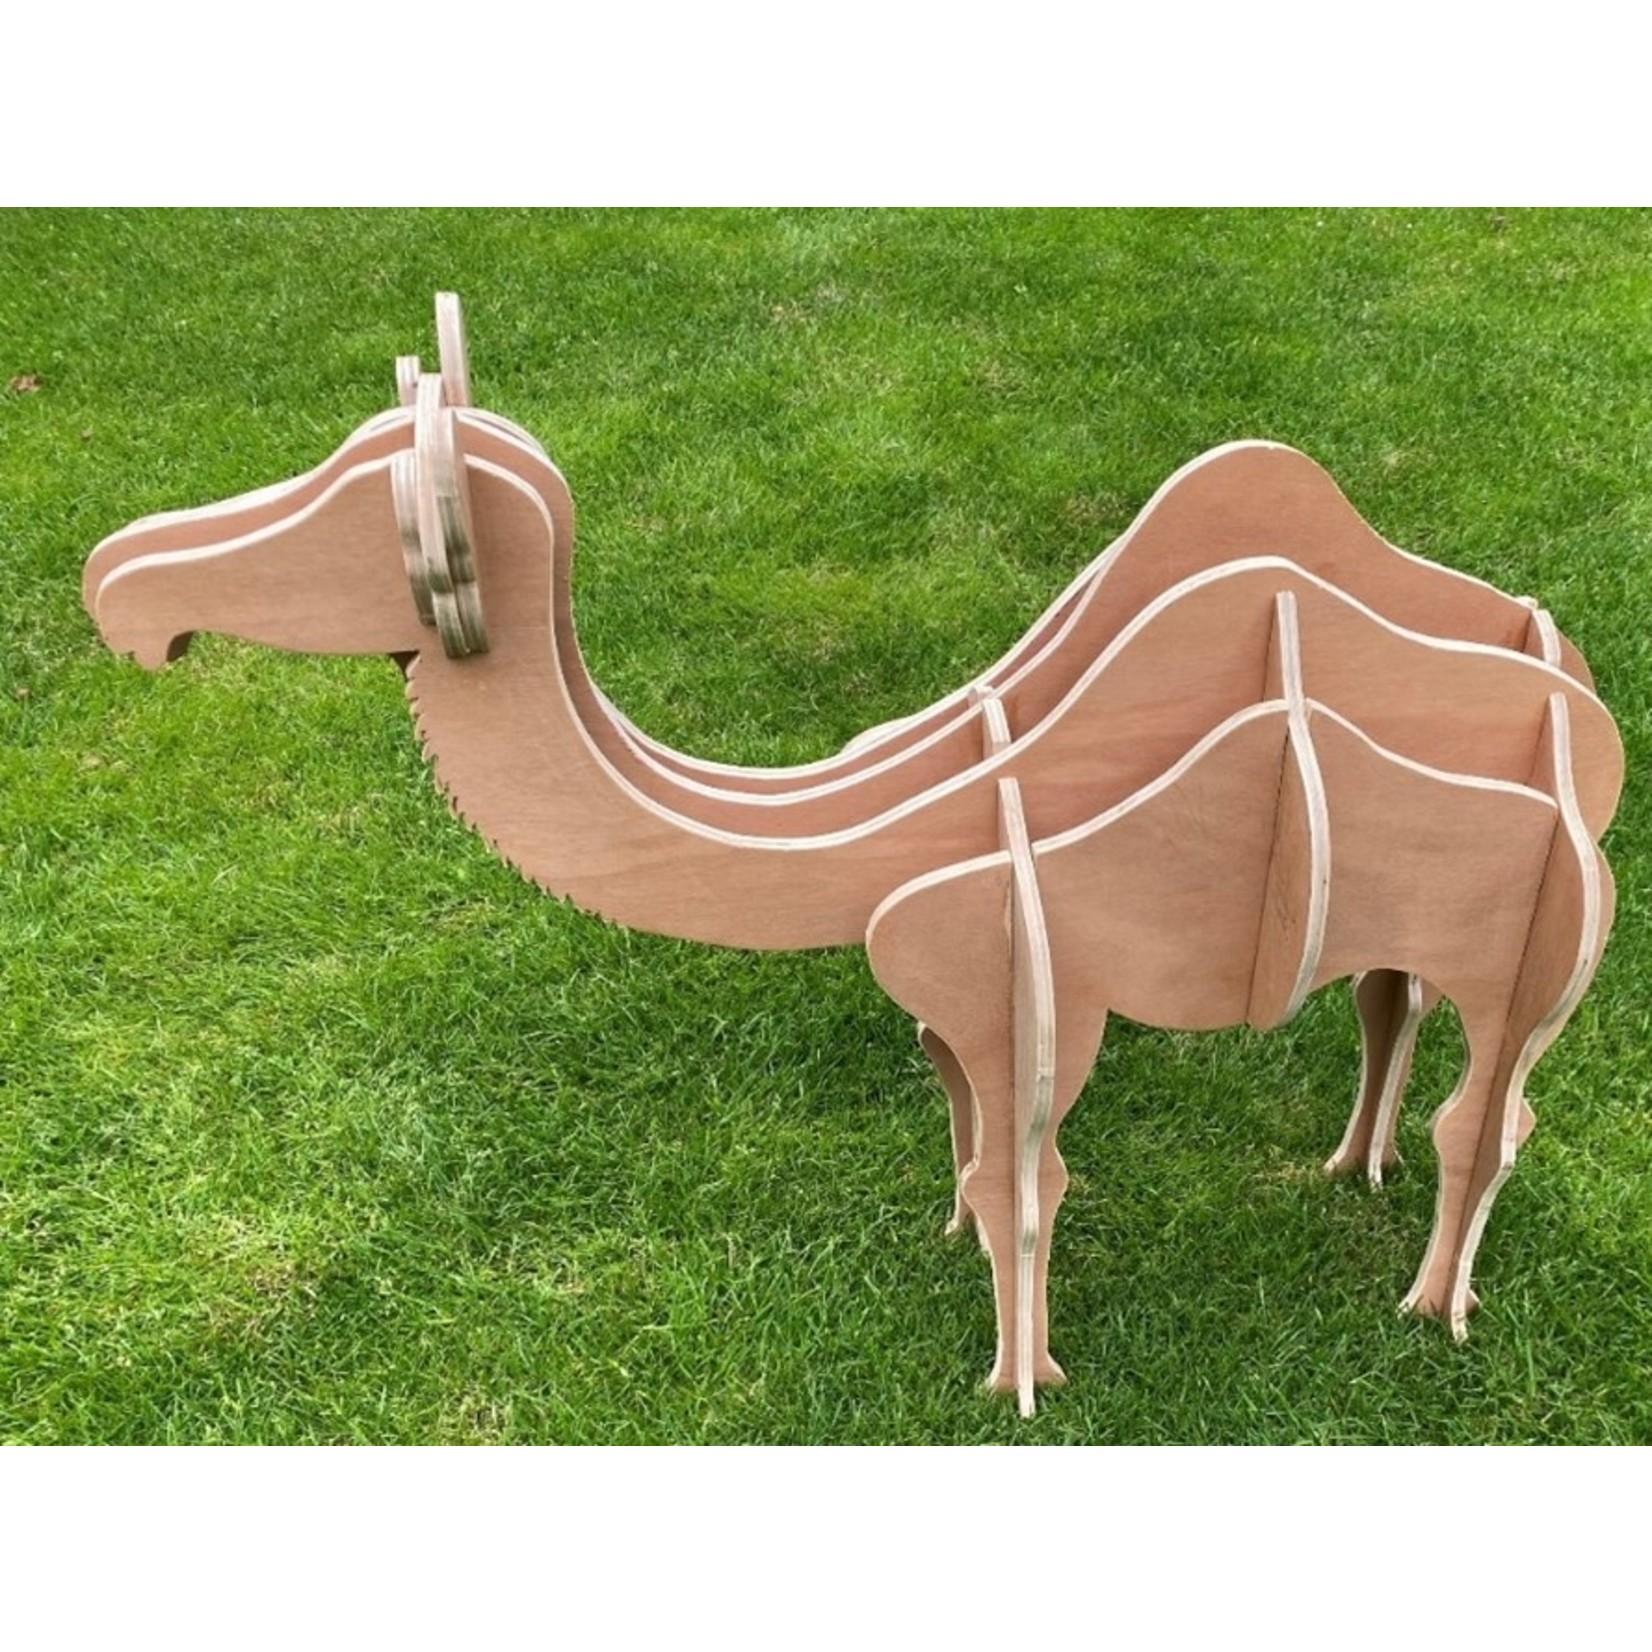 Kamel aus Holz - Bauzeichnung um ein Kamel selber zu machen